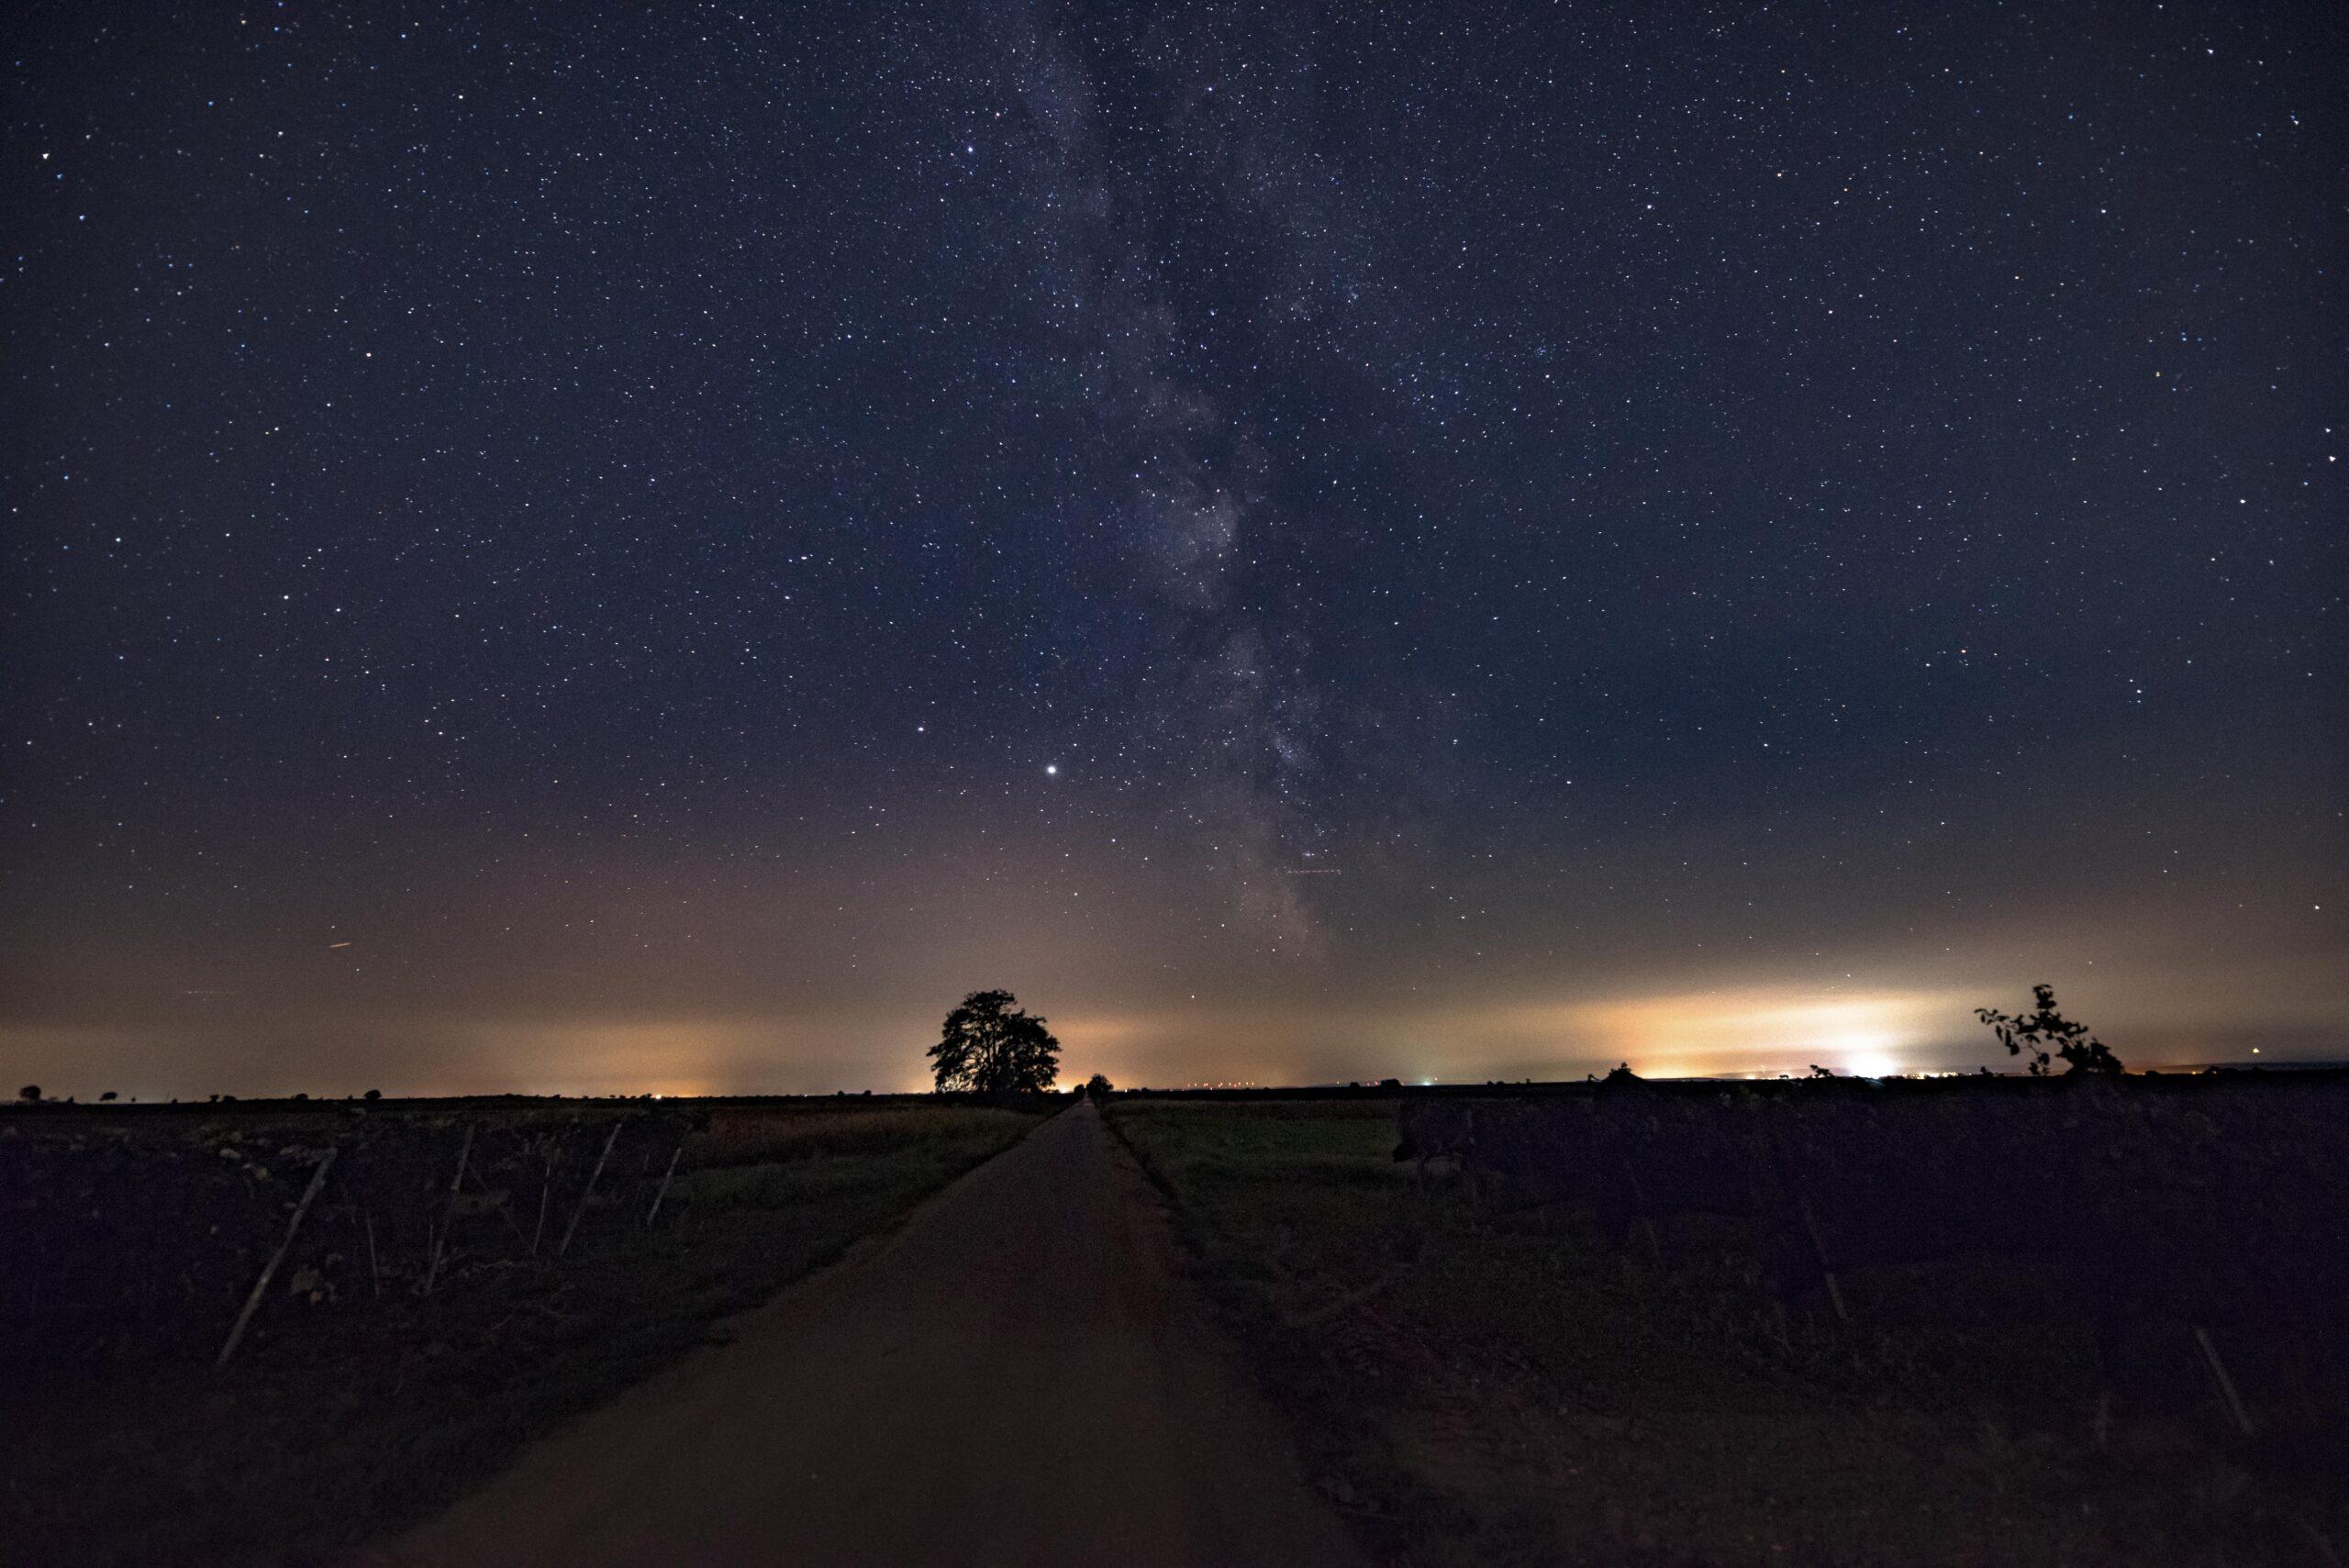 Sterne, Nacht, Licht, Autos